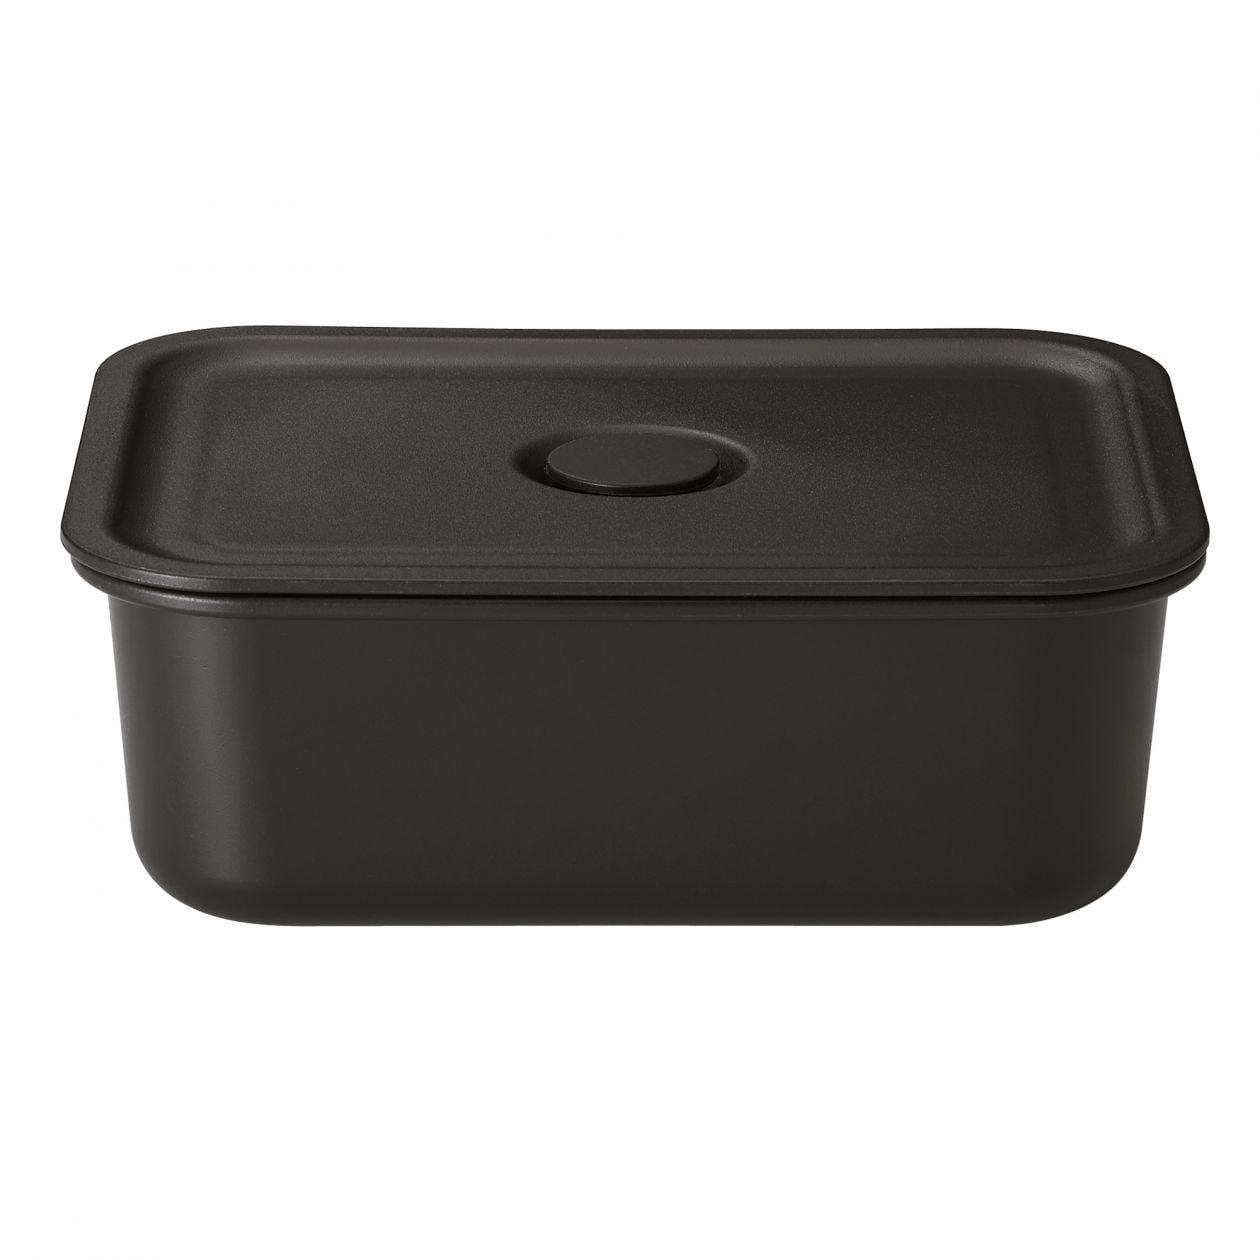 無印良品『ポリプロピレン保存容器になるバルブ付弁当箱・黒 レクタングラー』